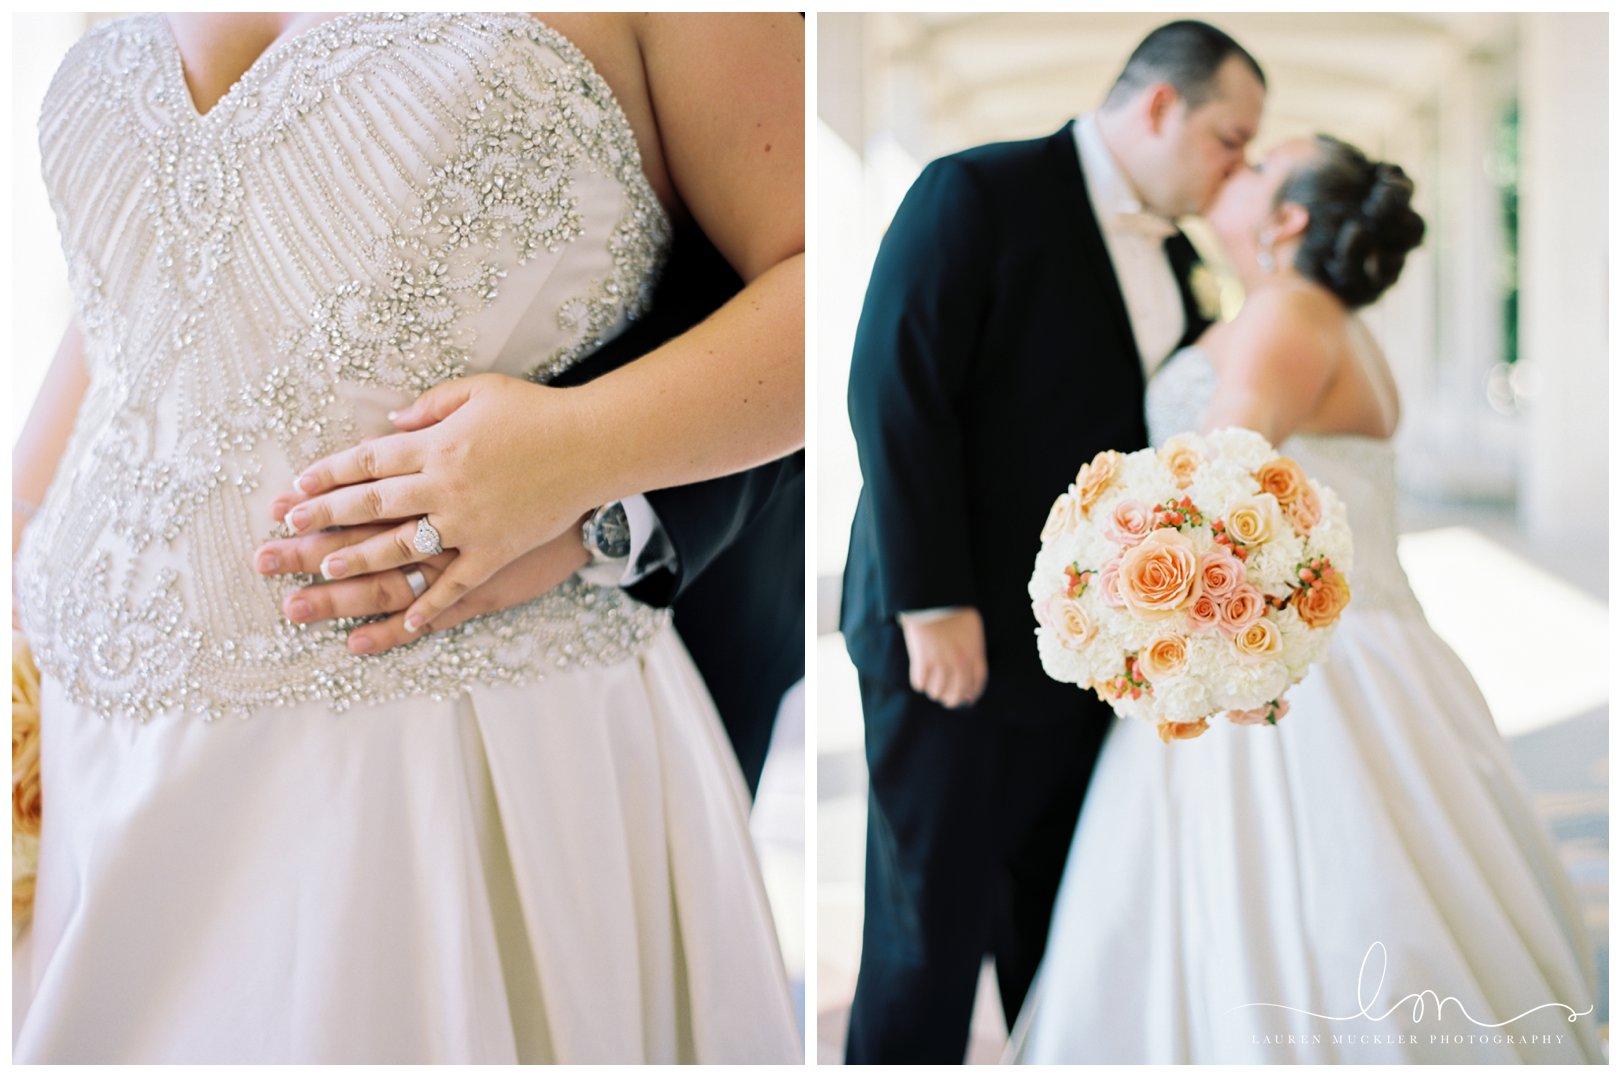 lauren muckler photography_fine art film wedding photography_st louis_photography_0631.jpg